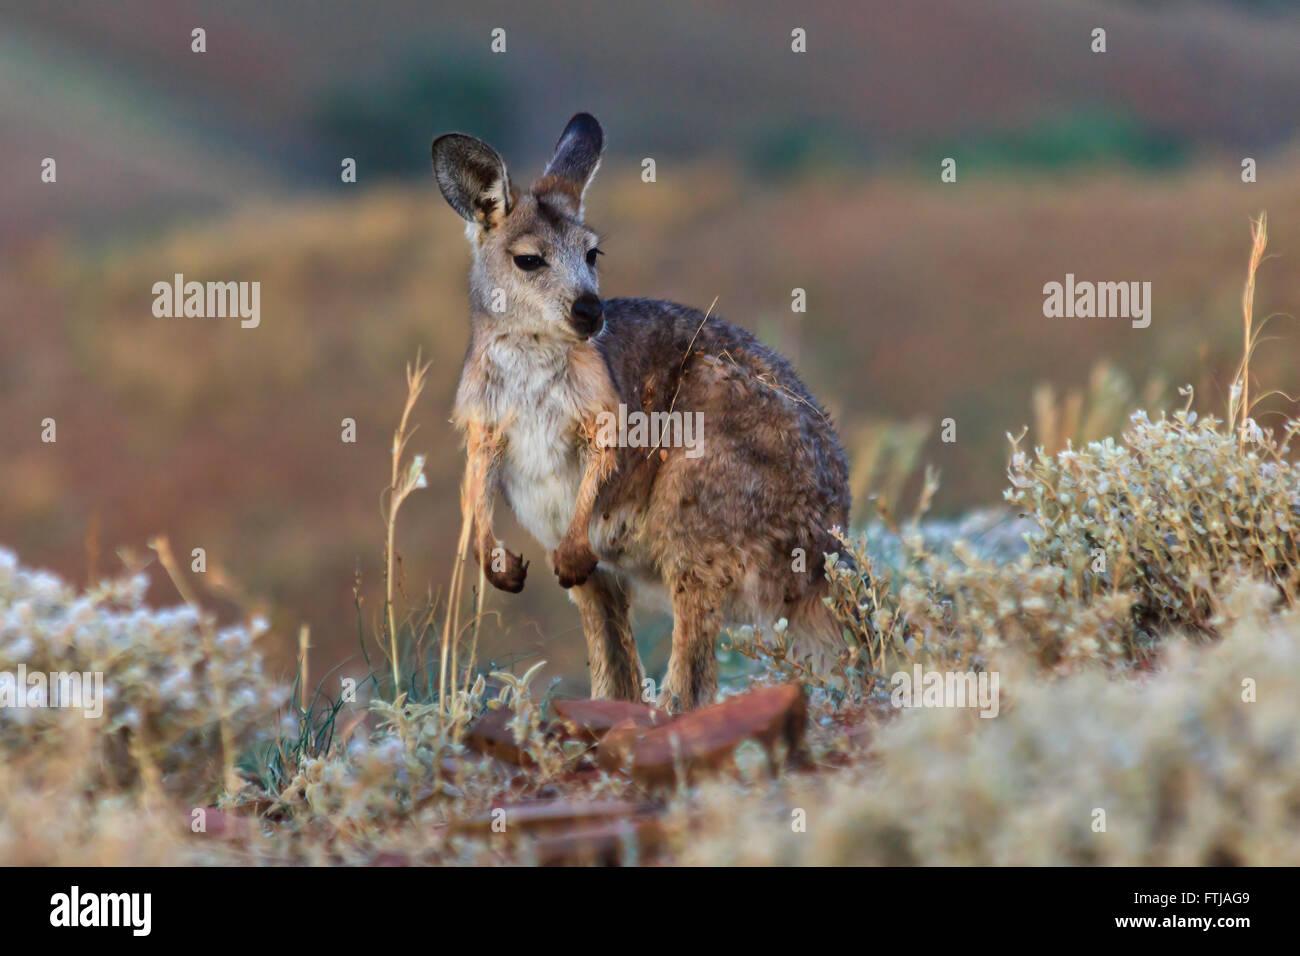 La vie sauvage kangourou animal debout entouré d'habitat naturel - herbes et les buissons dans le parc Photo Stock